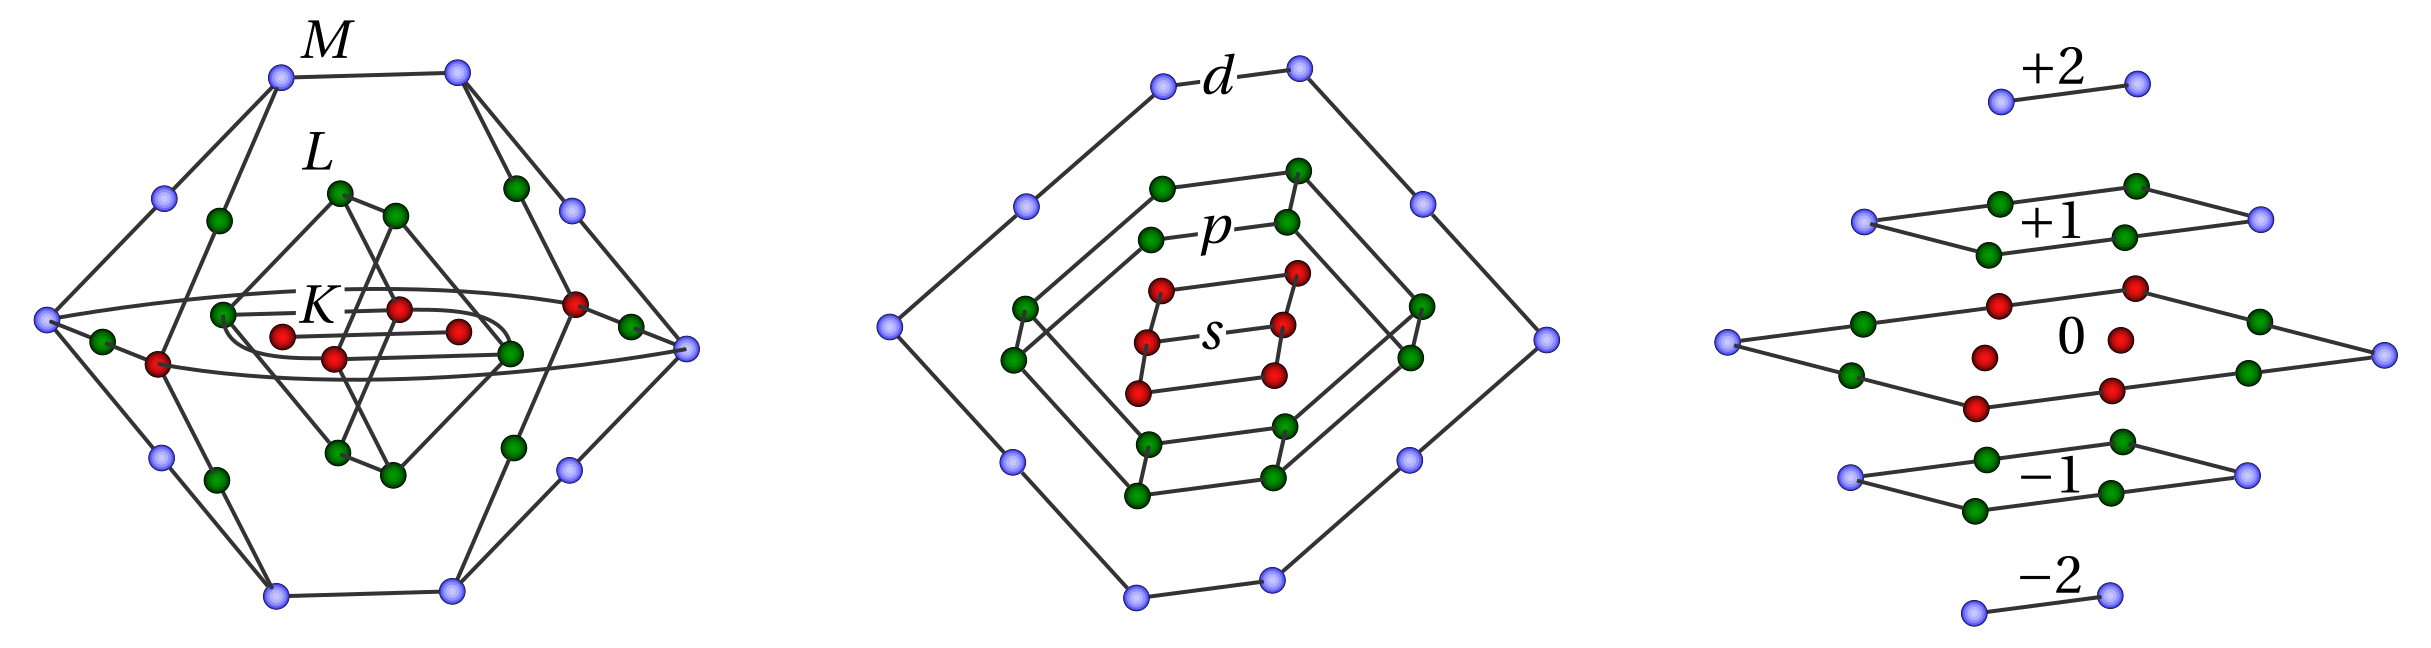 Оболочечная структура атома: главное квантовое число, орбитальное число и магнитное число.